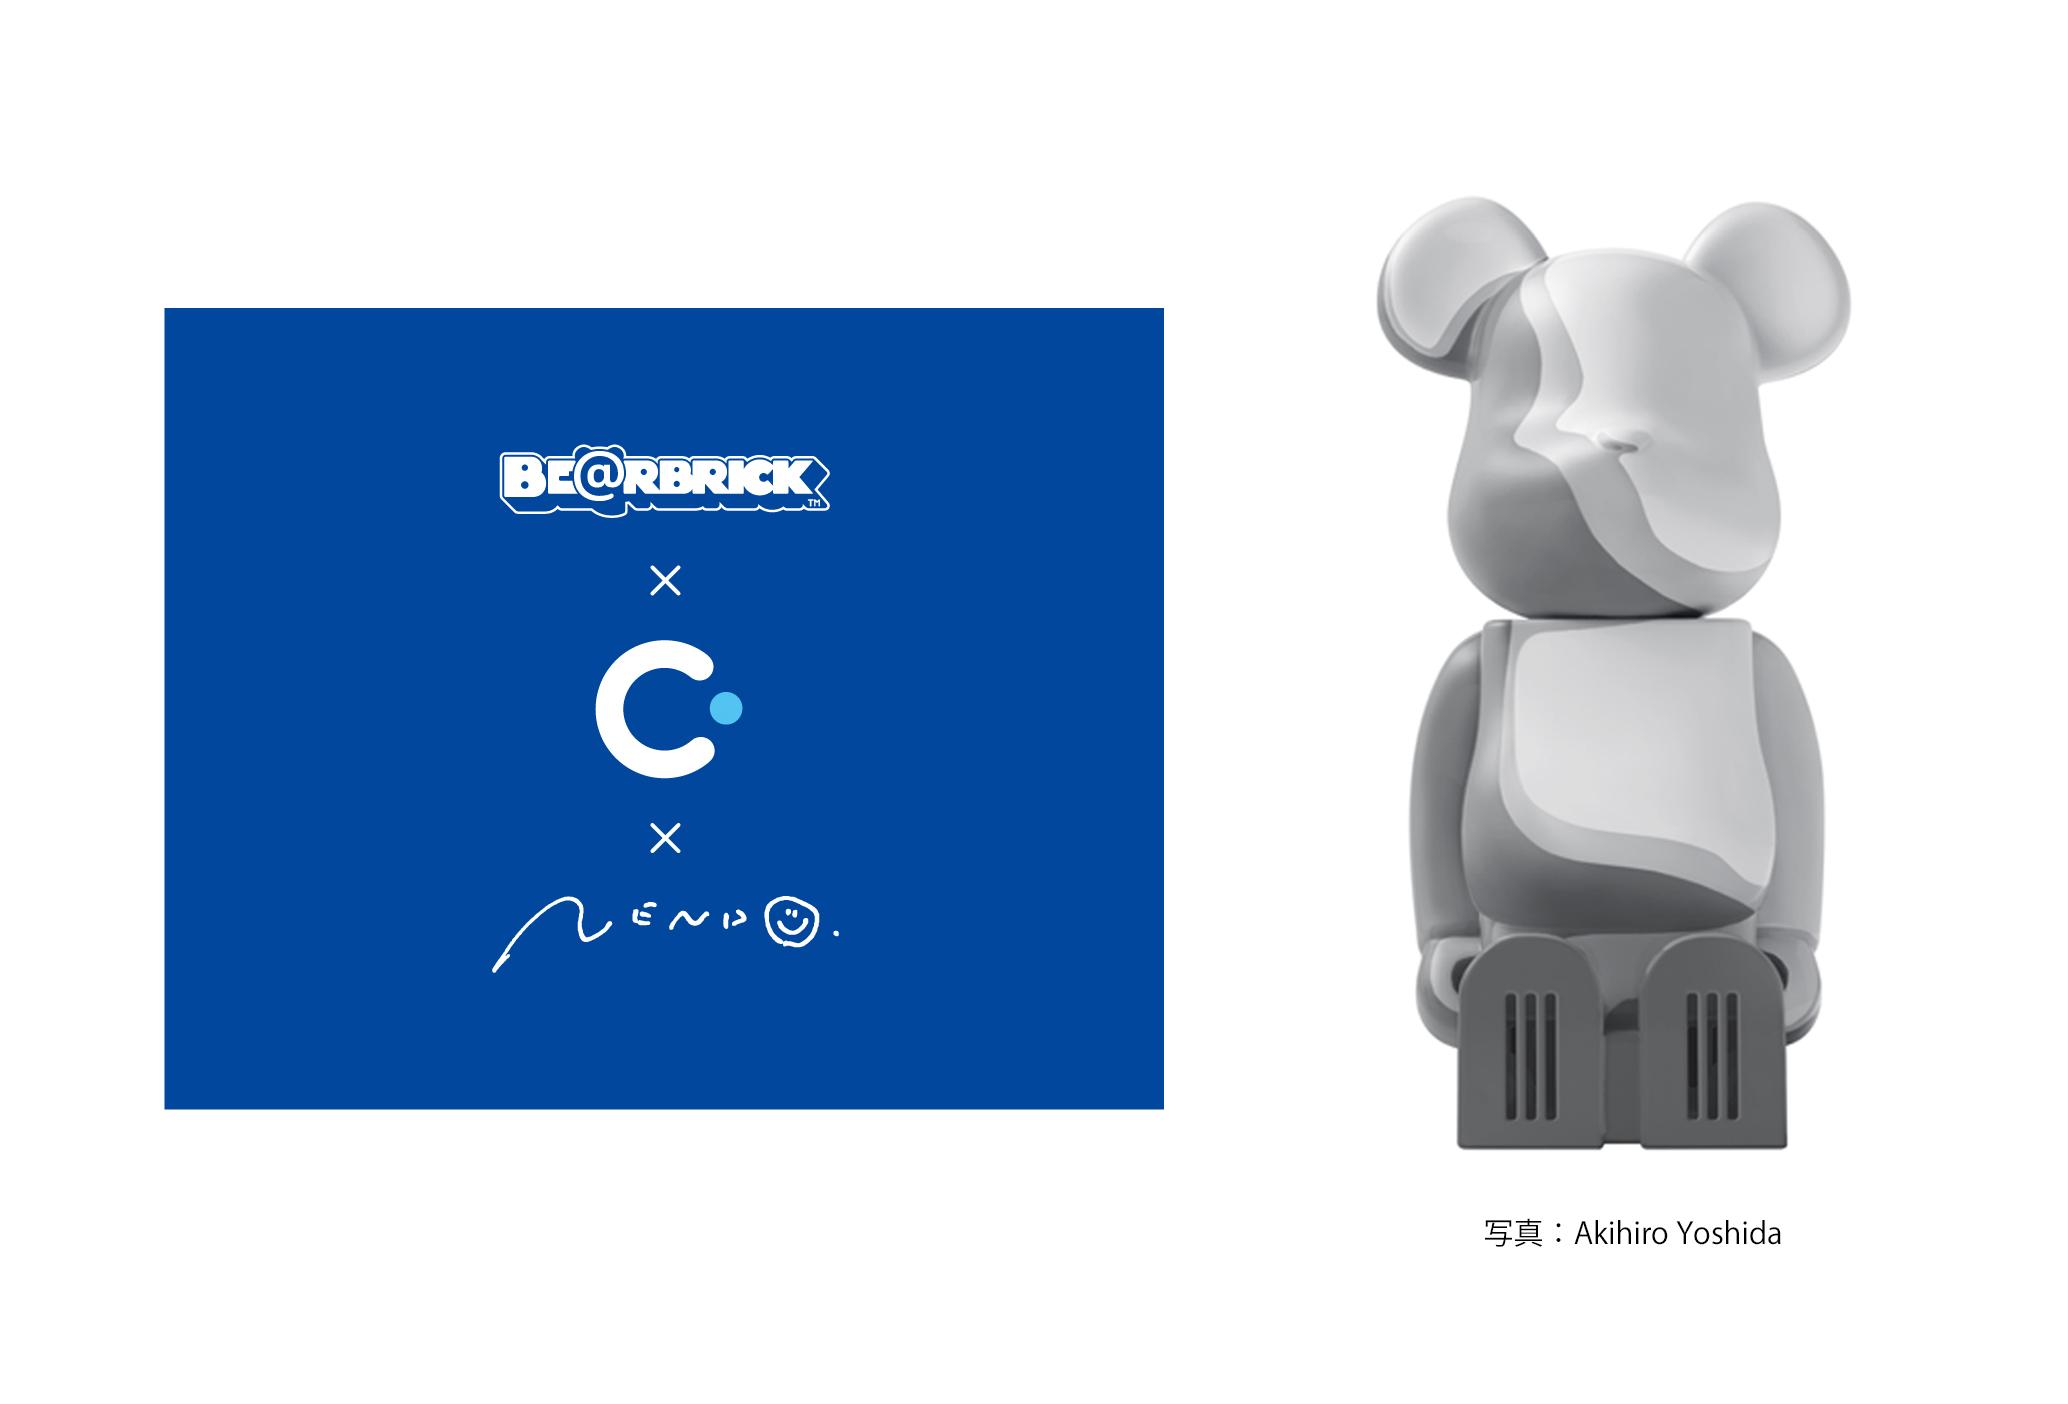 ミラノサローネ展示品 『クレベリン×ベアブリック』第4弾、nendoデザインによるトリプルコラボで9月2日(月)数量限定発売